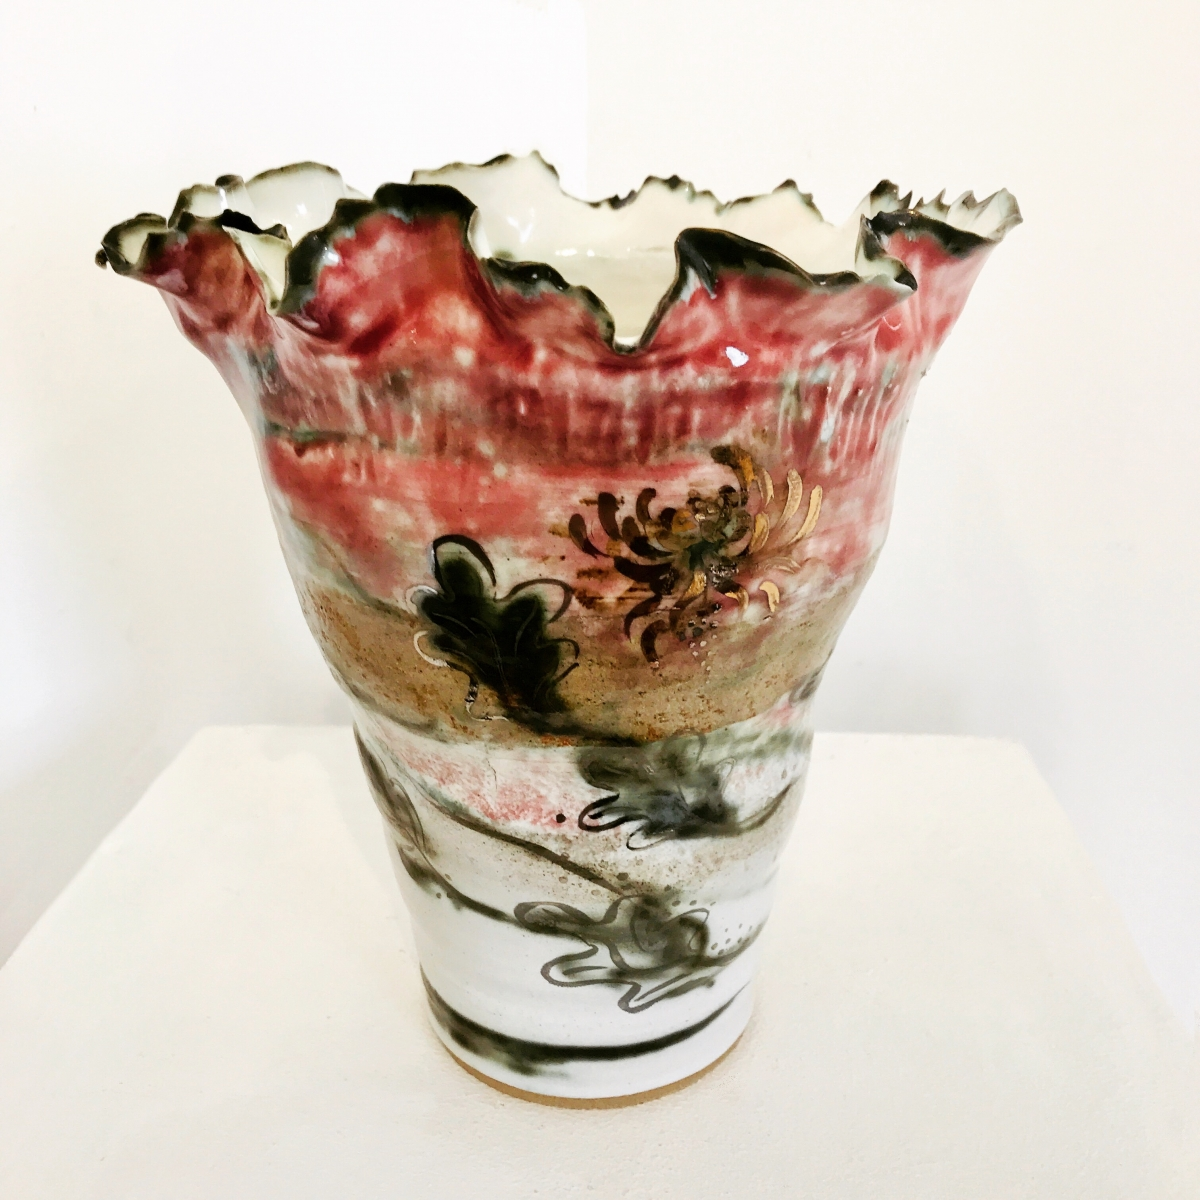 Bespoke Porcelain Vase by Sonya Ceramic Art